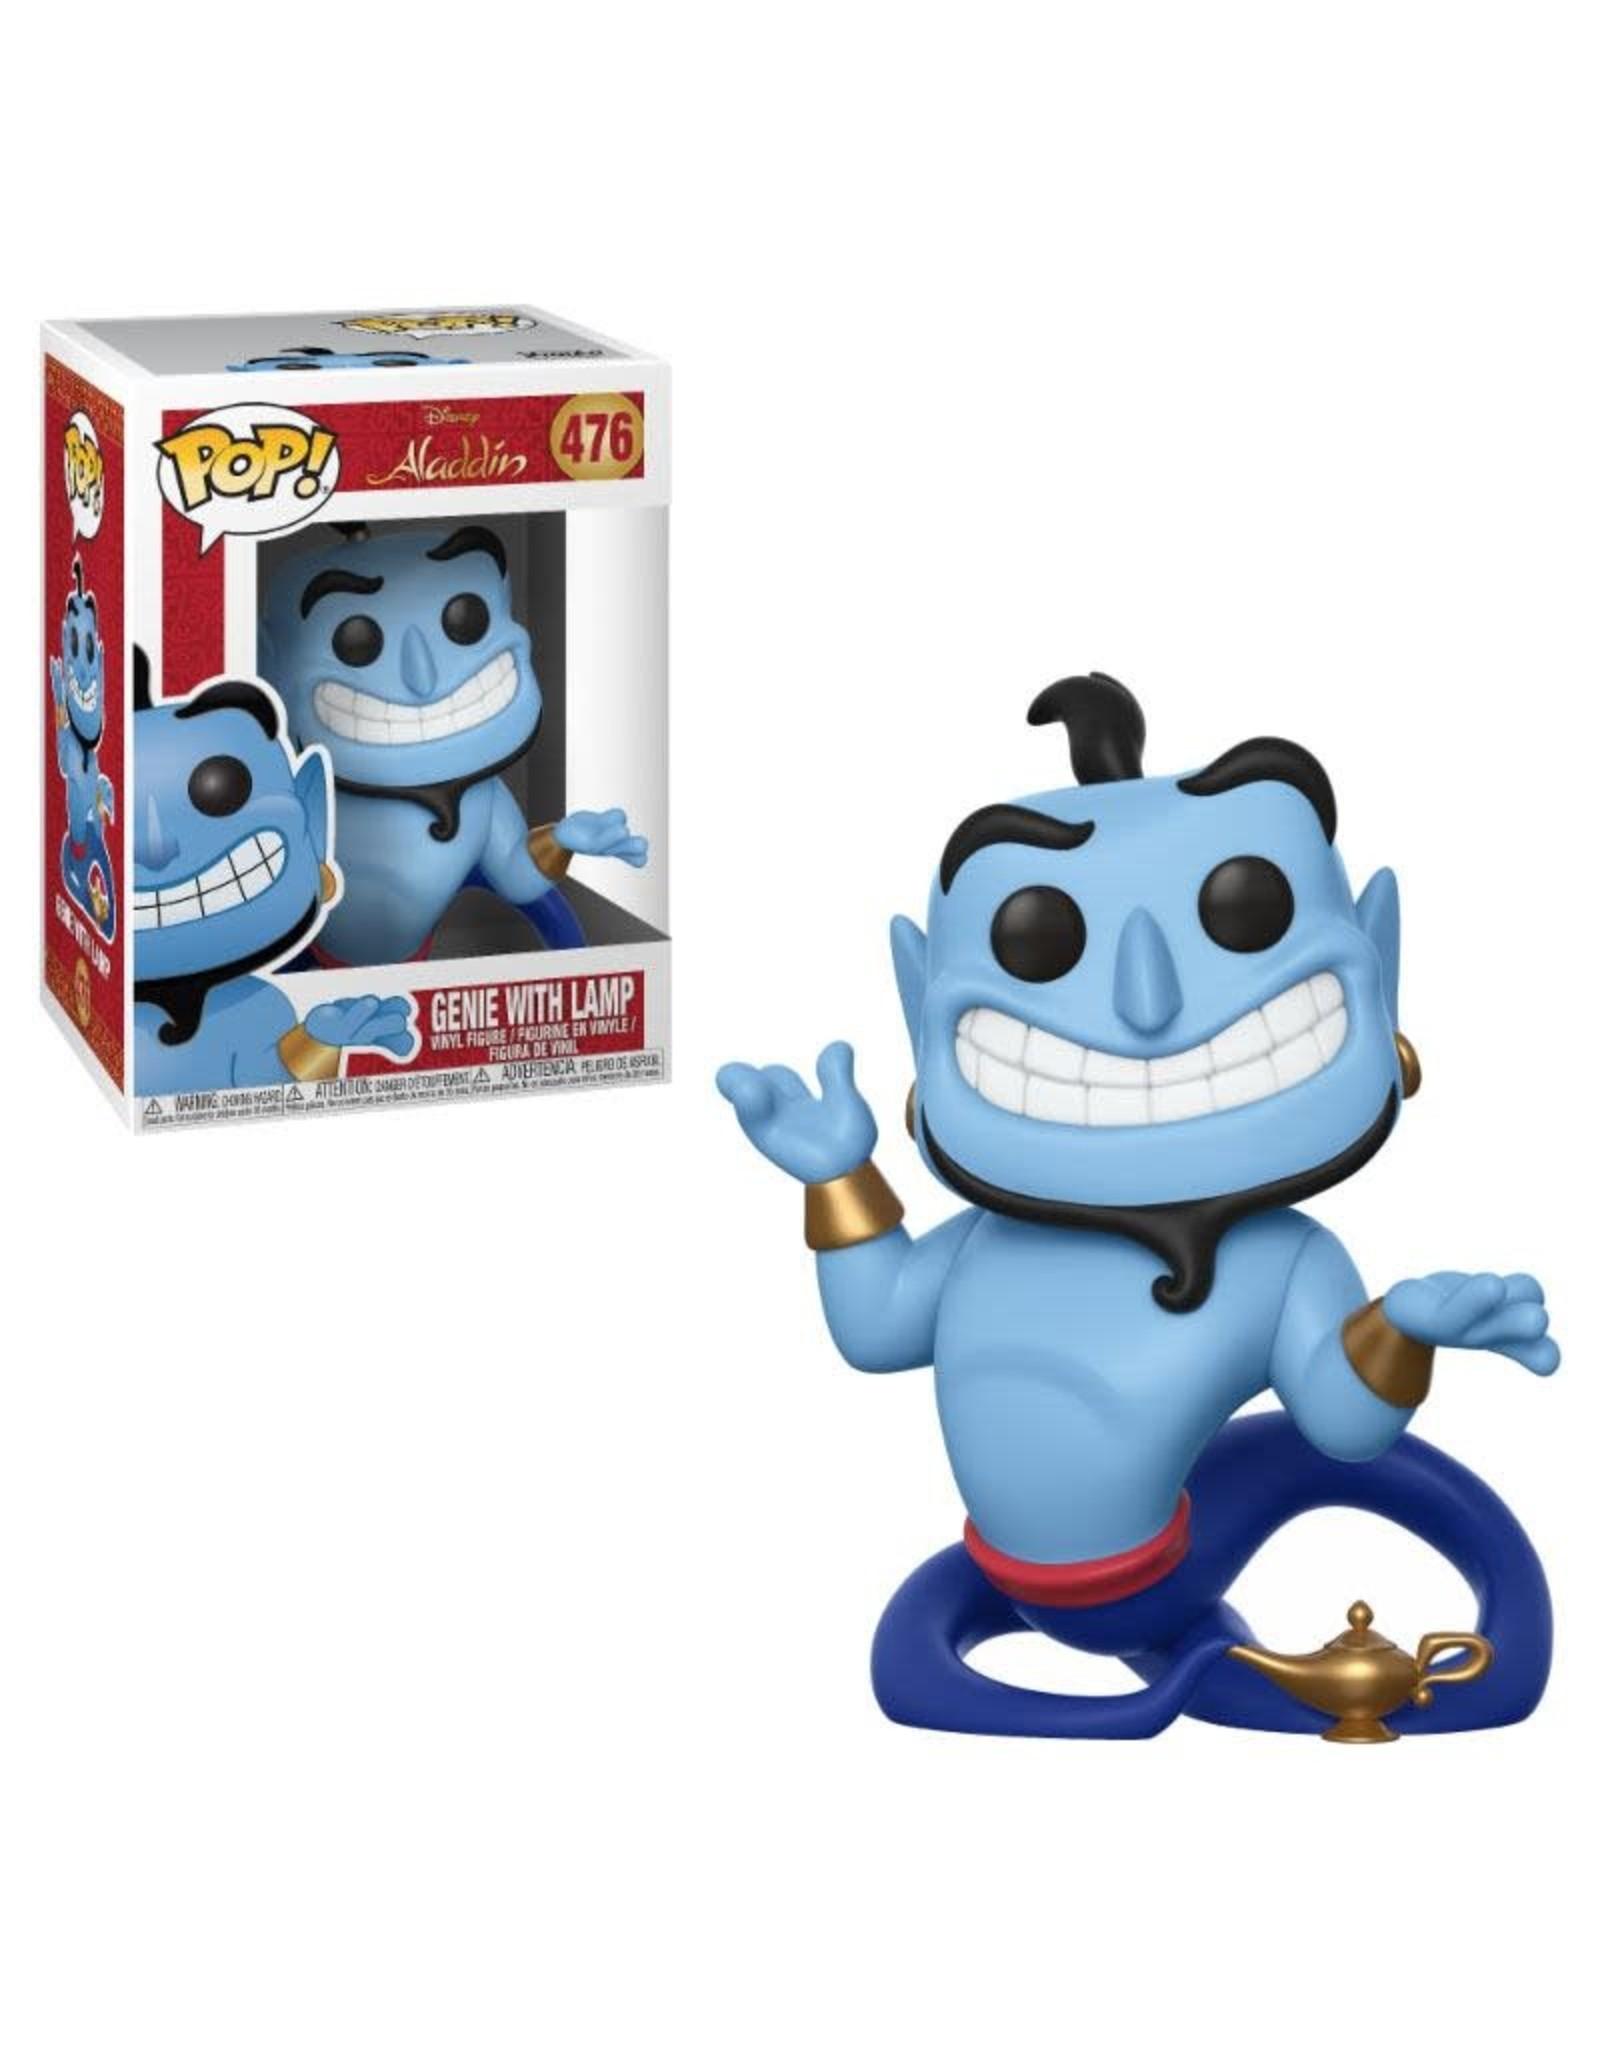 Funko ALADDIN POP! N° 476 - Genie with Lamp